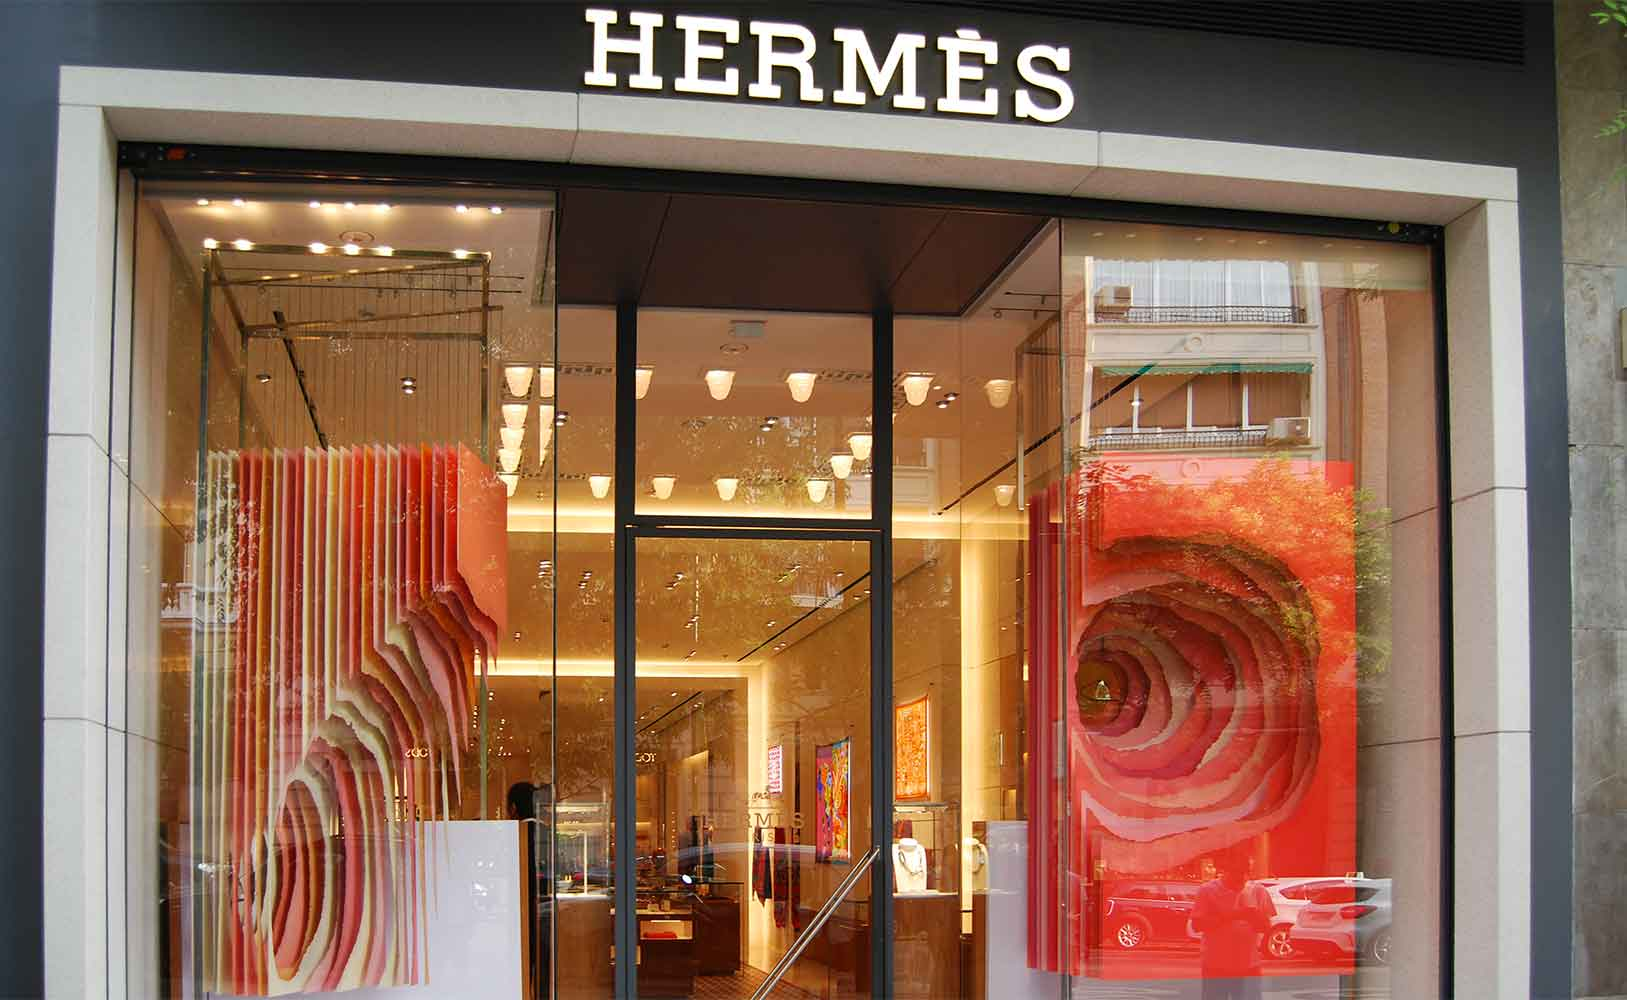 Un escaparate lateral y otro frontal con distintas tonalidades y colores forman esta artística composición de Mathieu Ducournau para Hermès.